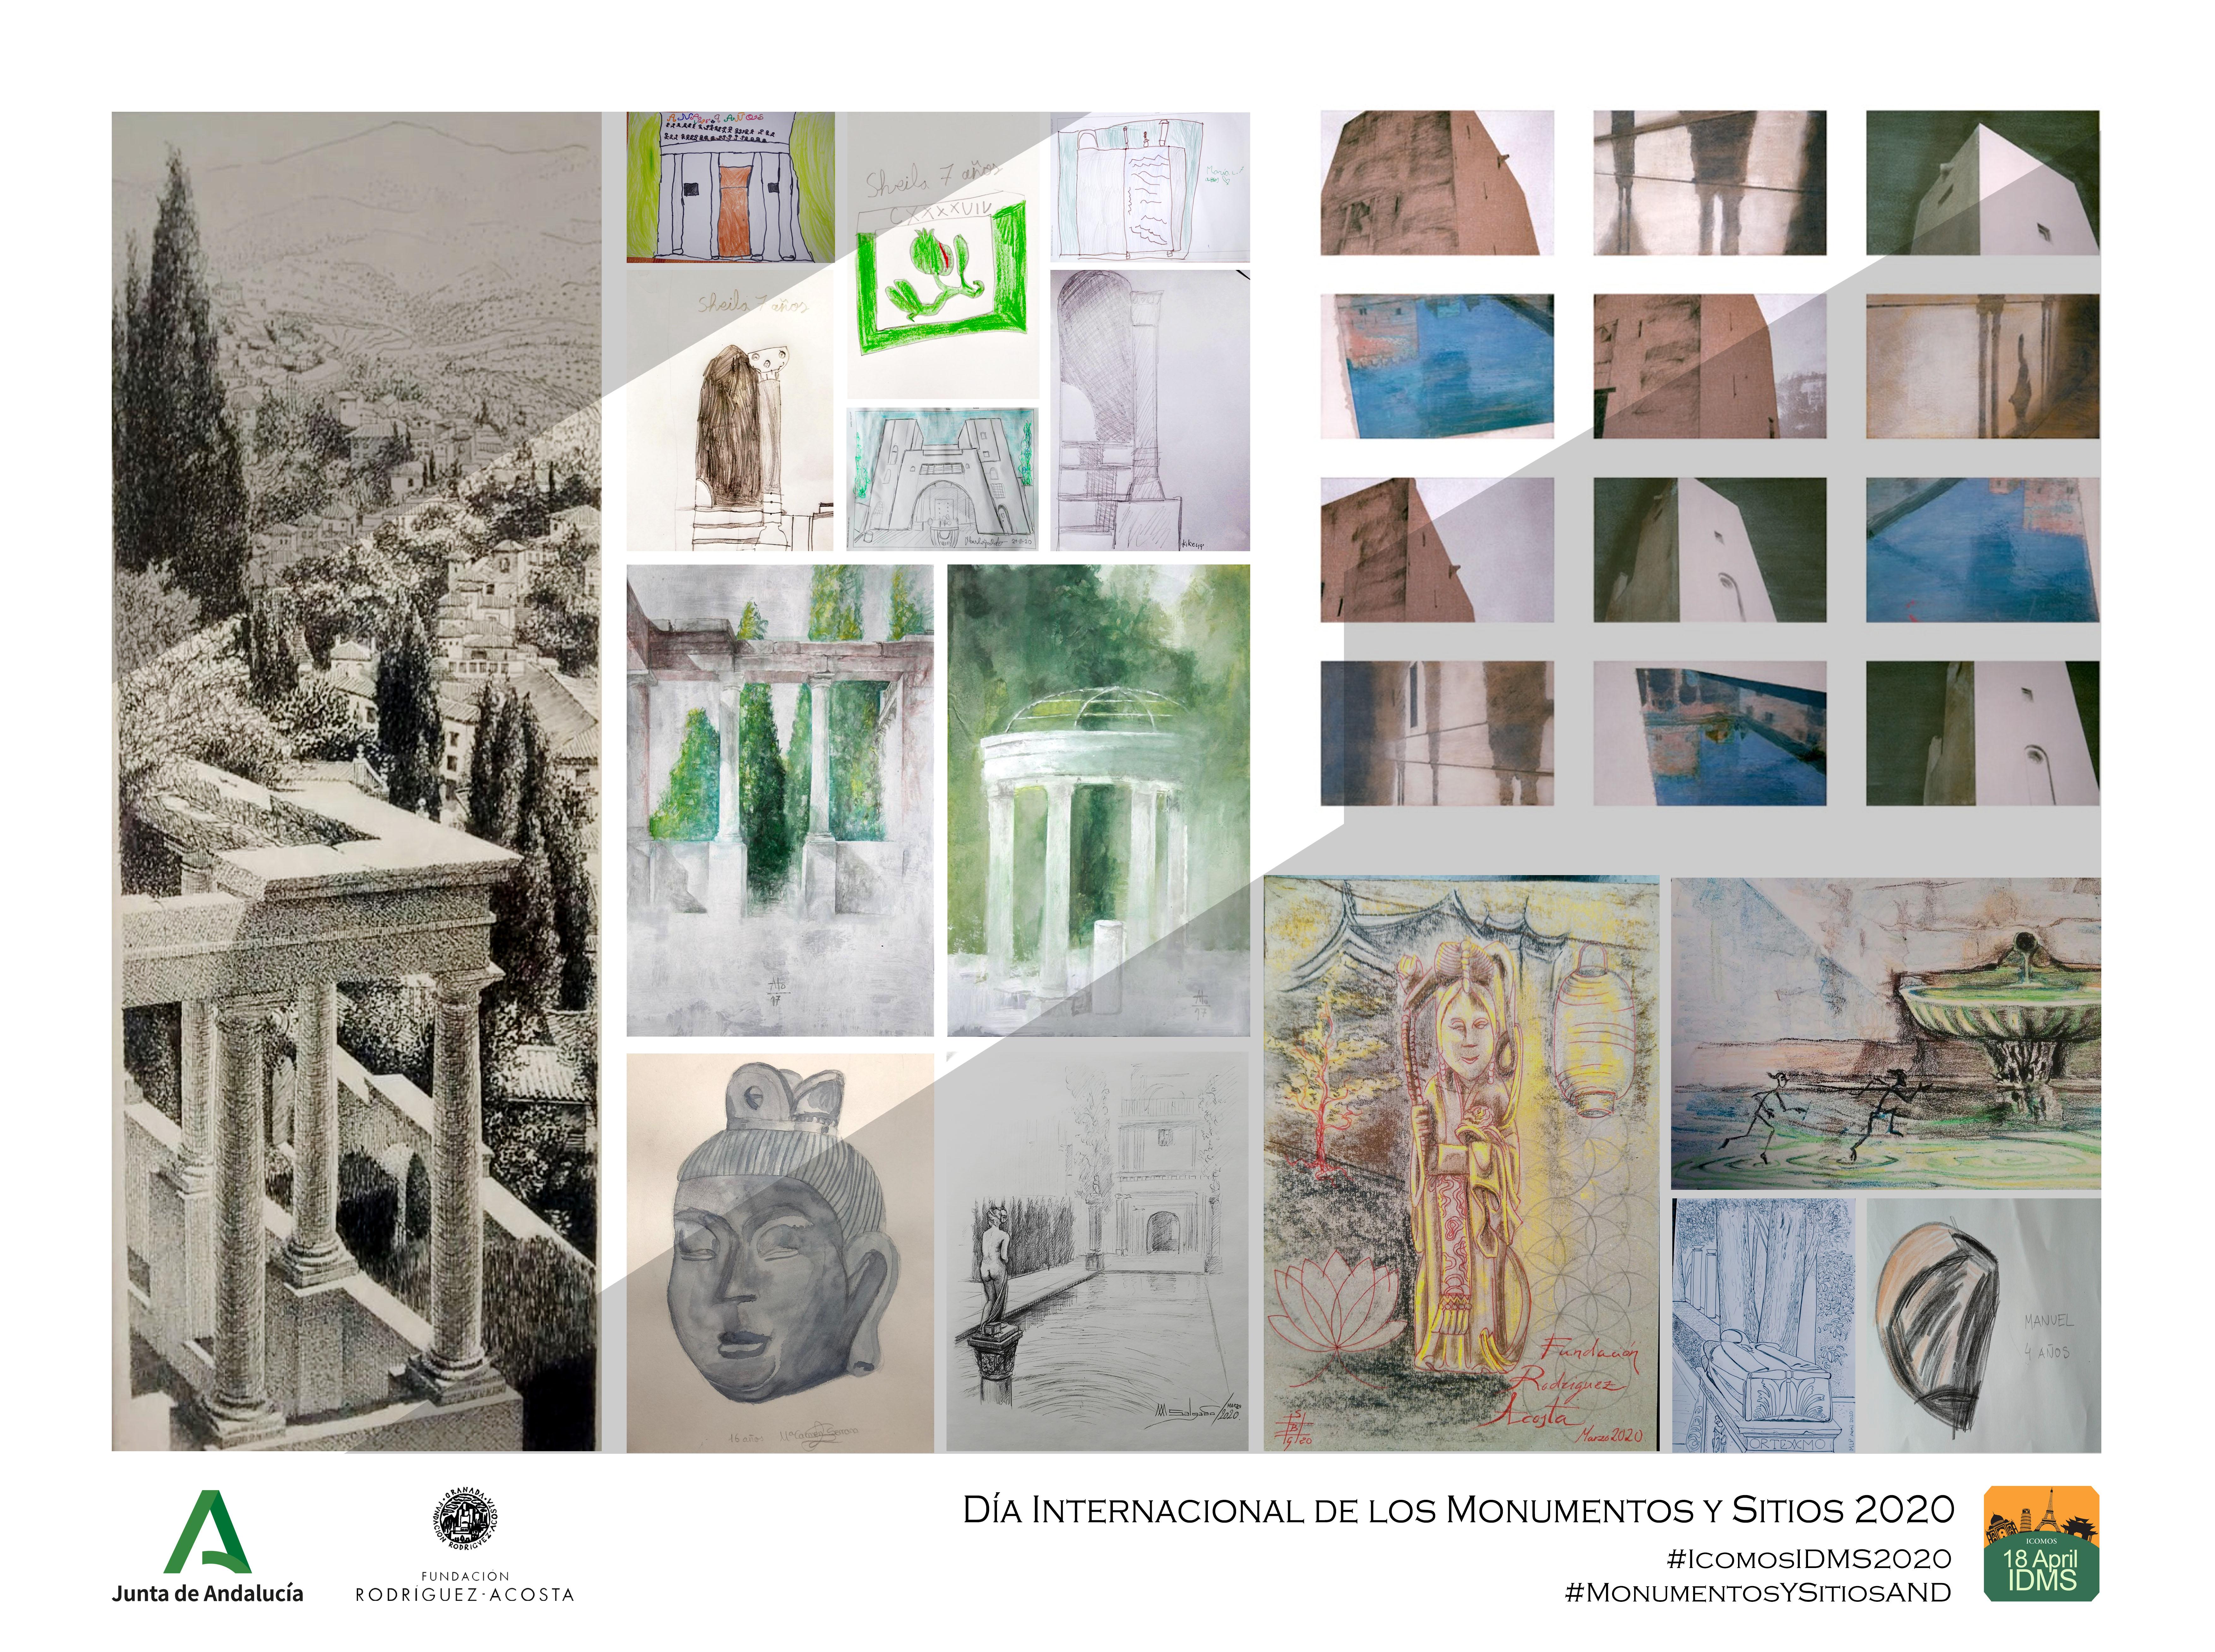 18 Monumentos y Sitios2